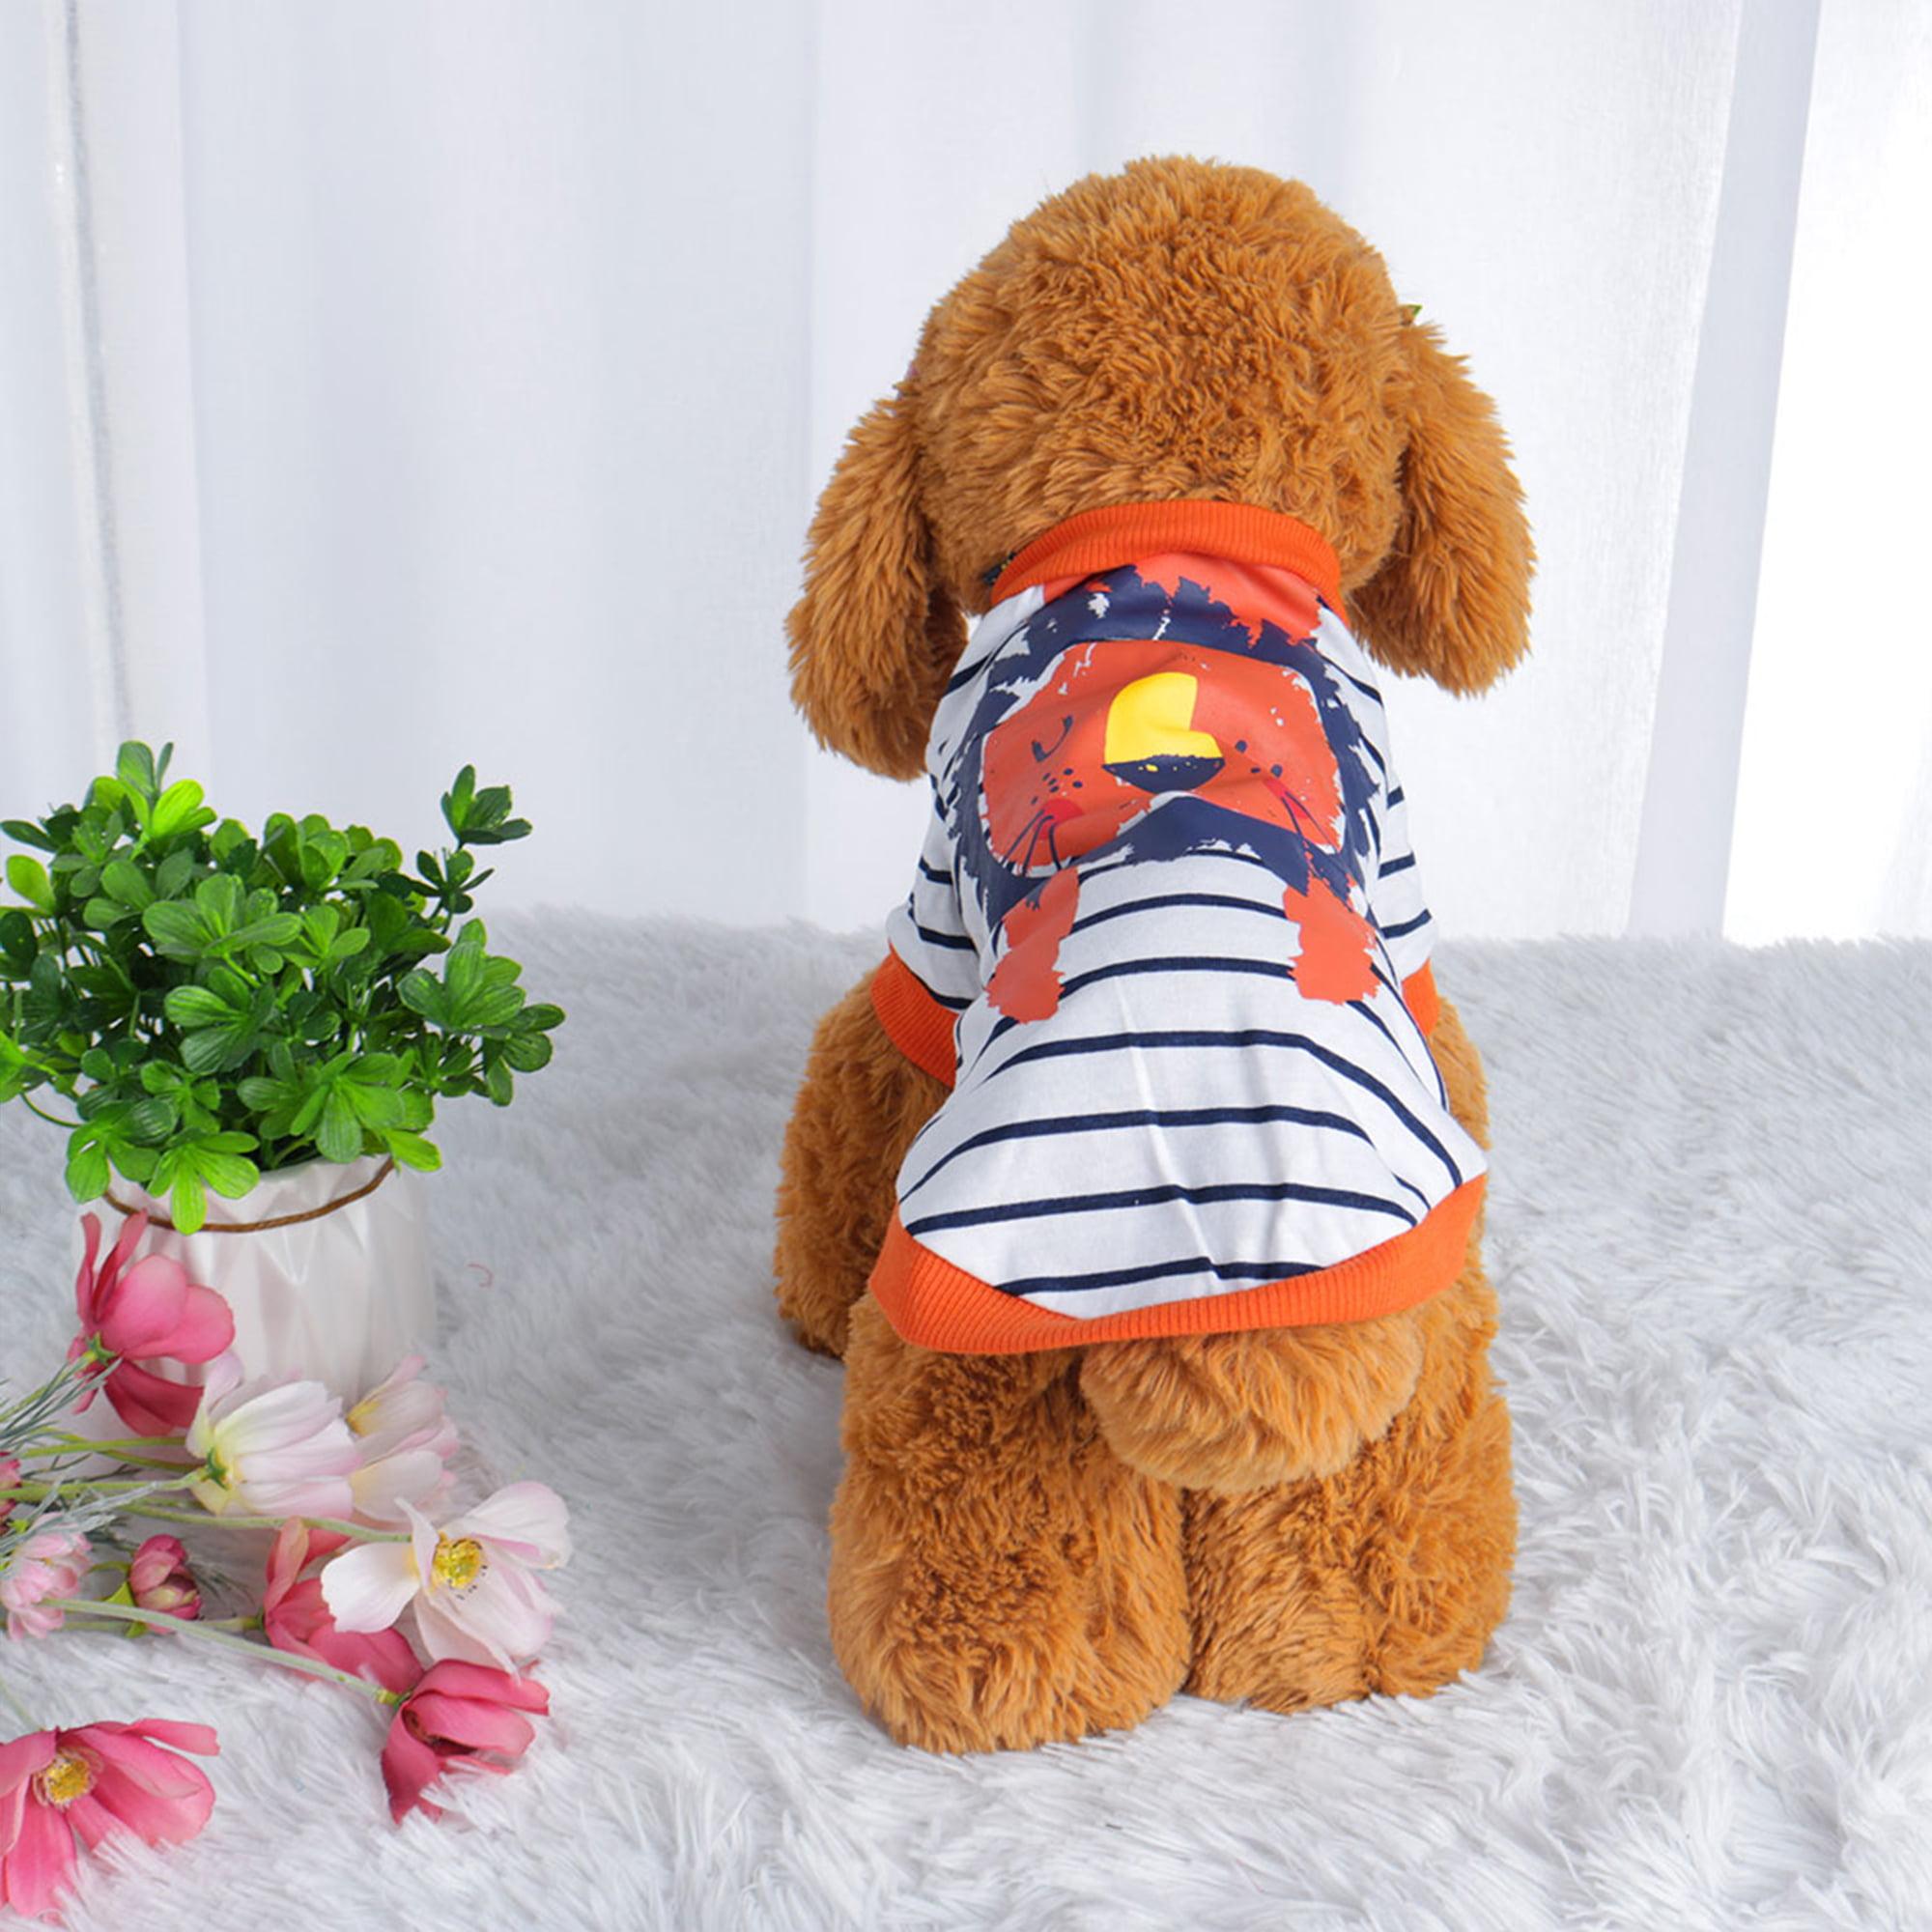 Dog T Shirt Puppy Small Pet Sweatshirt Tops Clothes Apparel Vest Clothing #15 XL - image 7 de 7